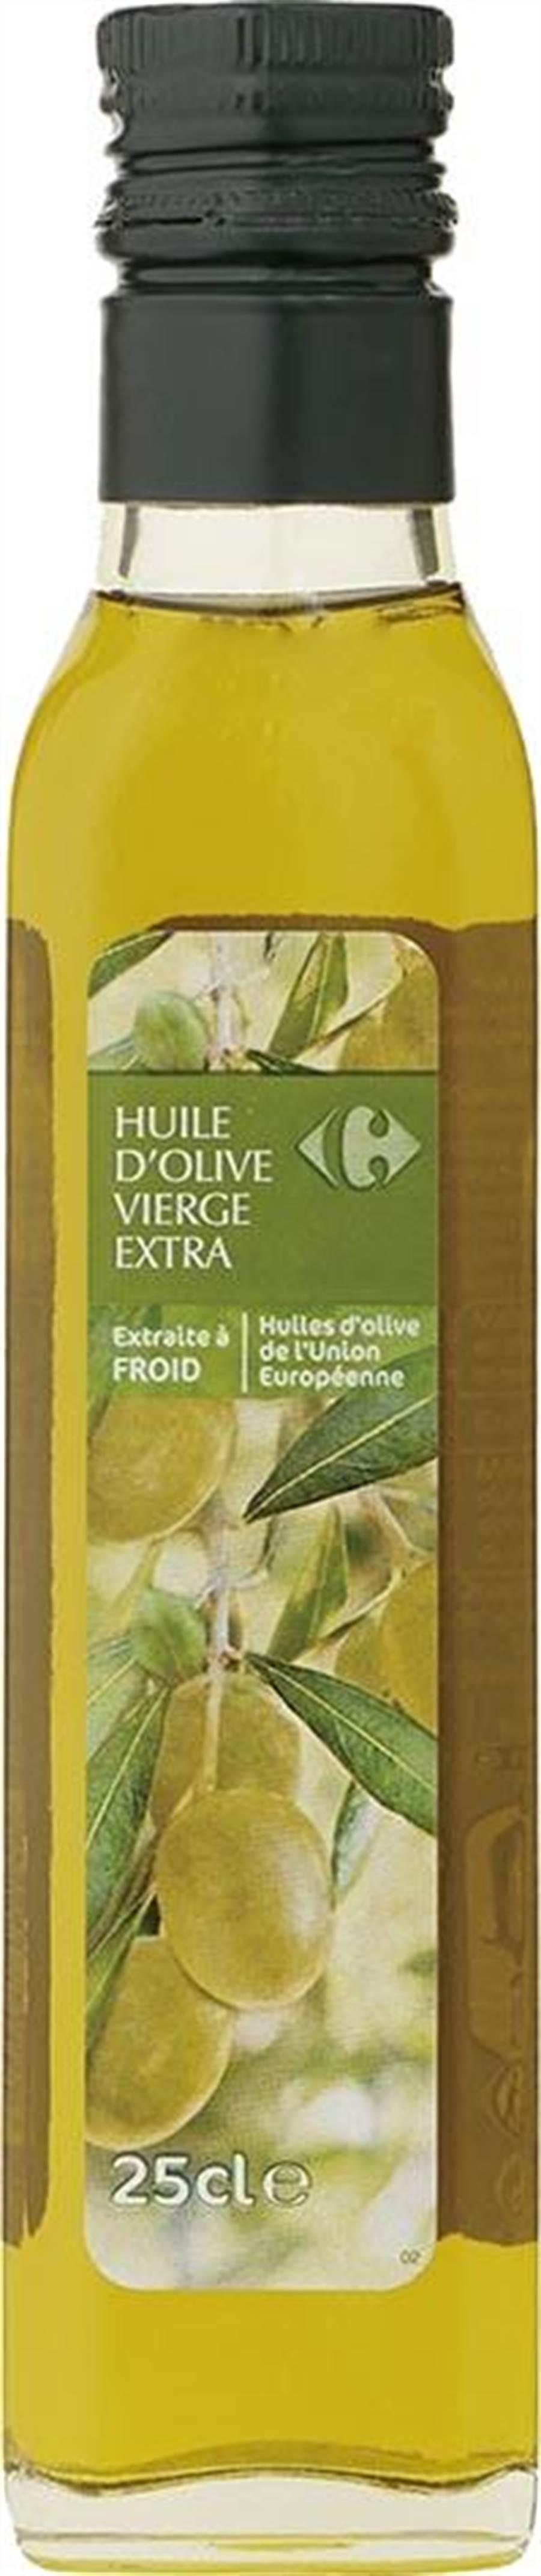 家樂福特級初榨橄欖油250ml,21日前原價99元,特價89元。(家樂福提供)